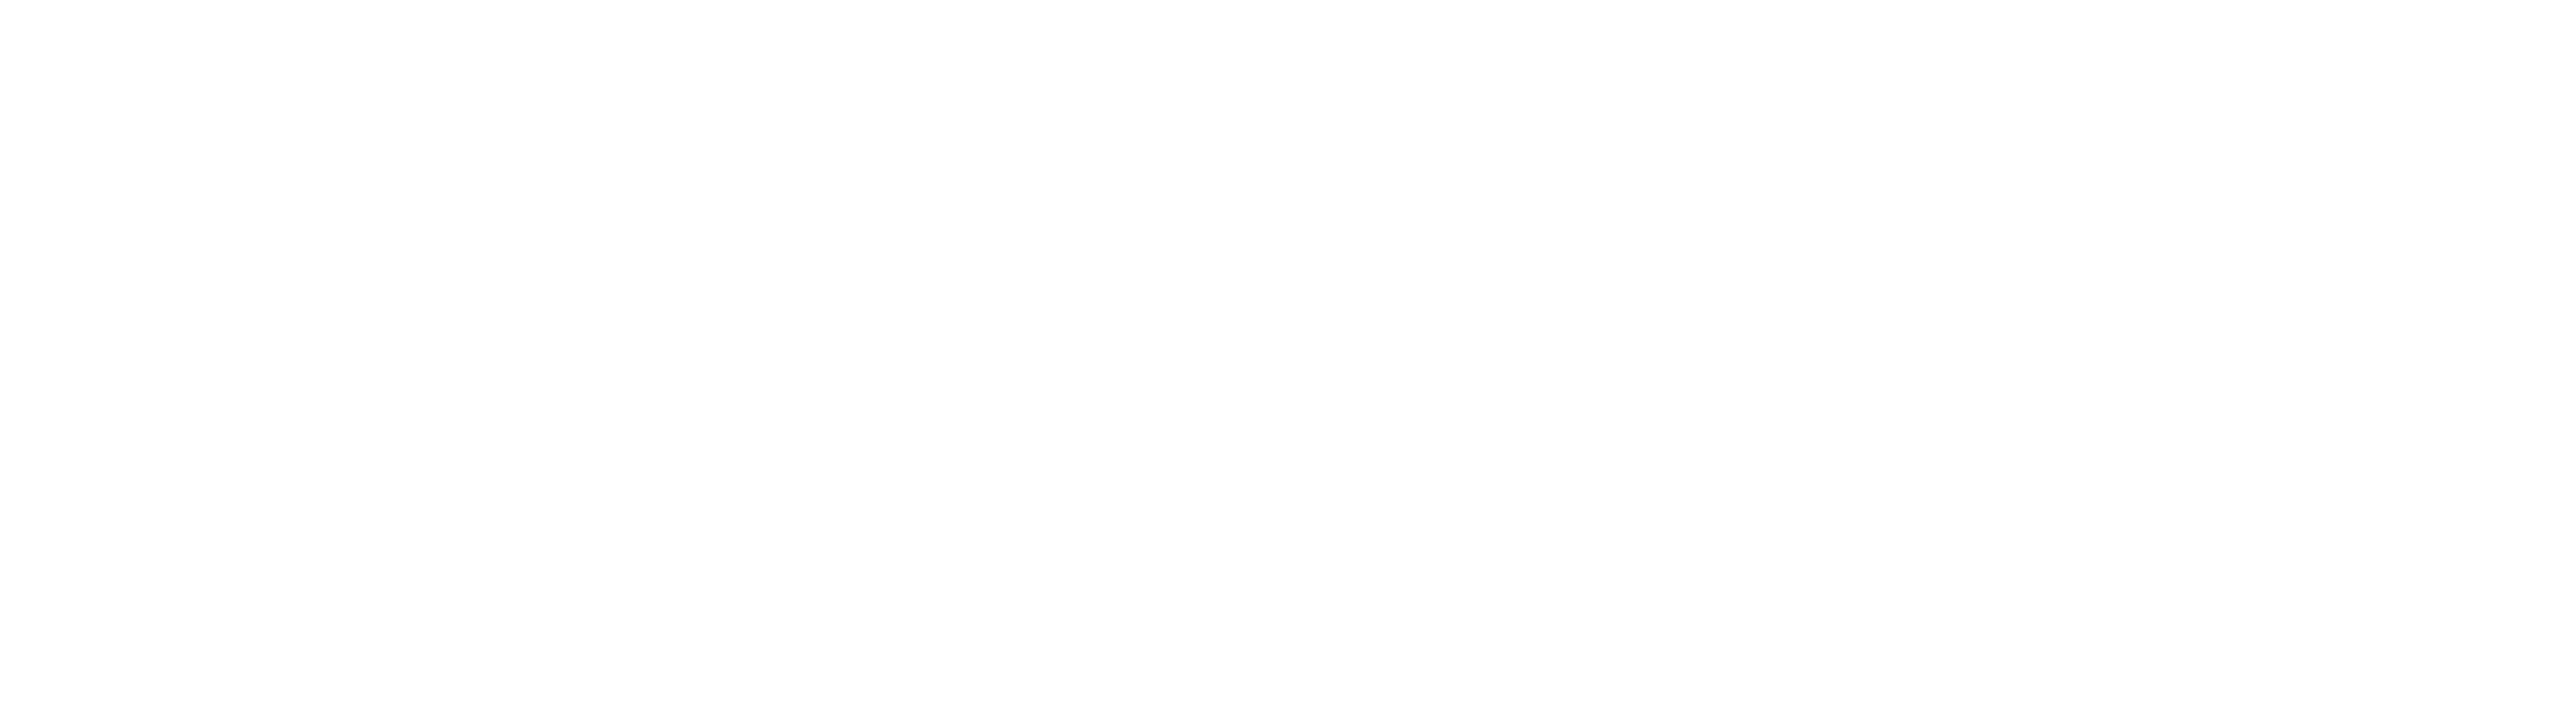 Amynta